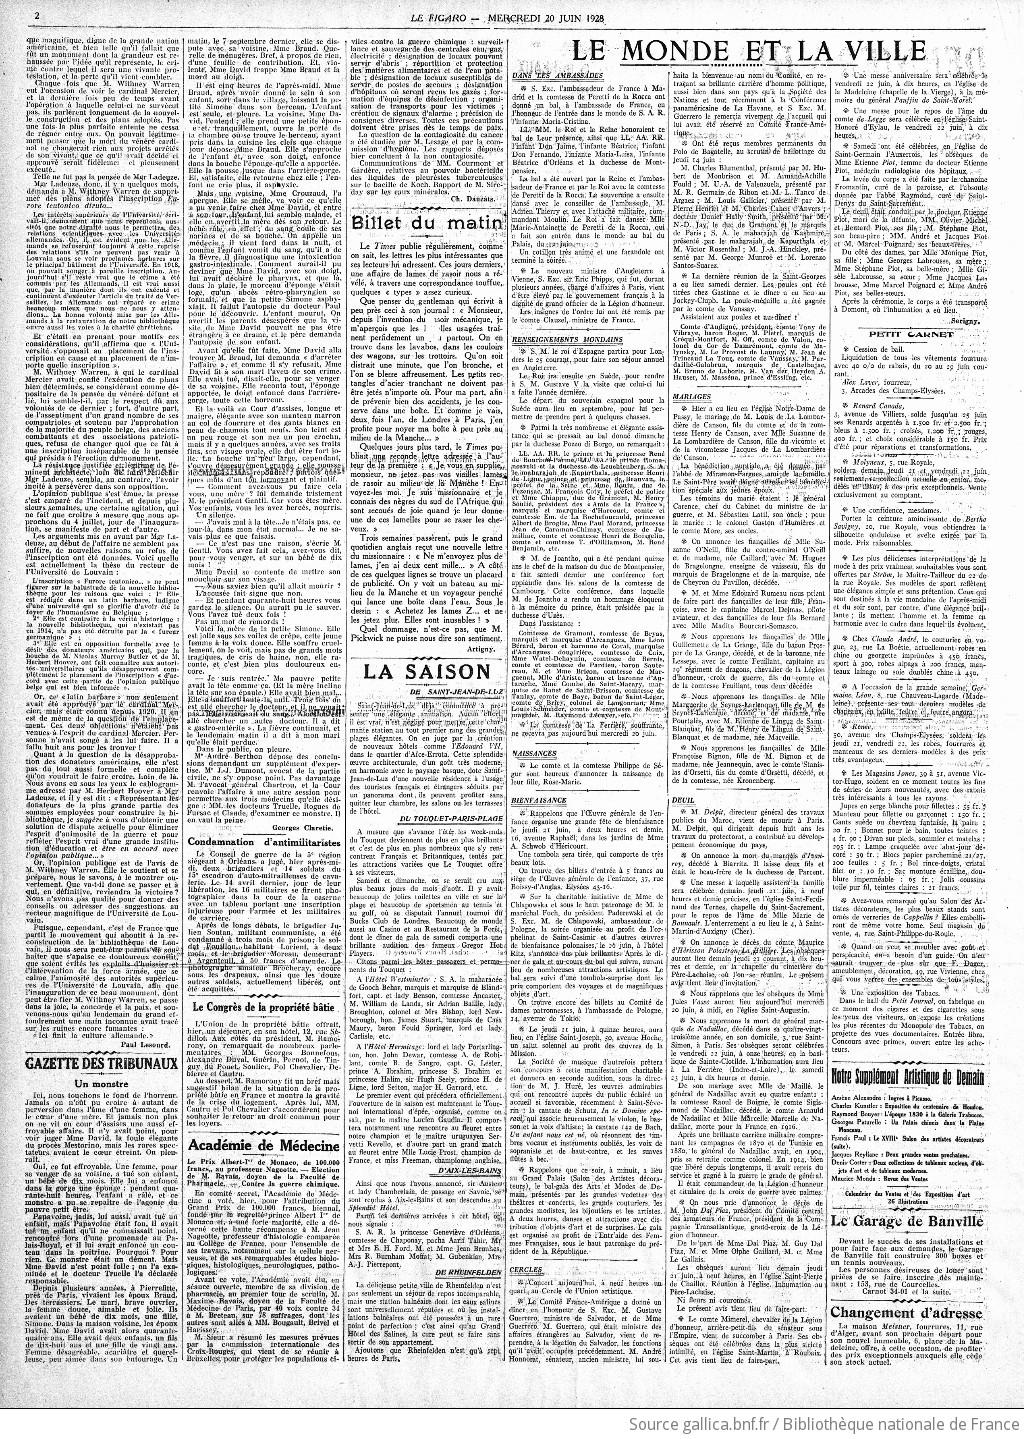 Figaro : journal non politique | 1928-06-20 | Gallica